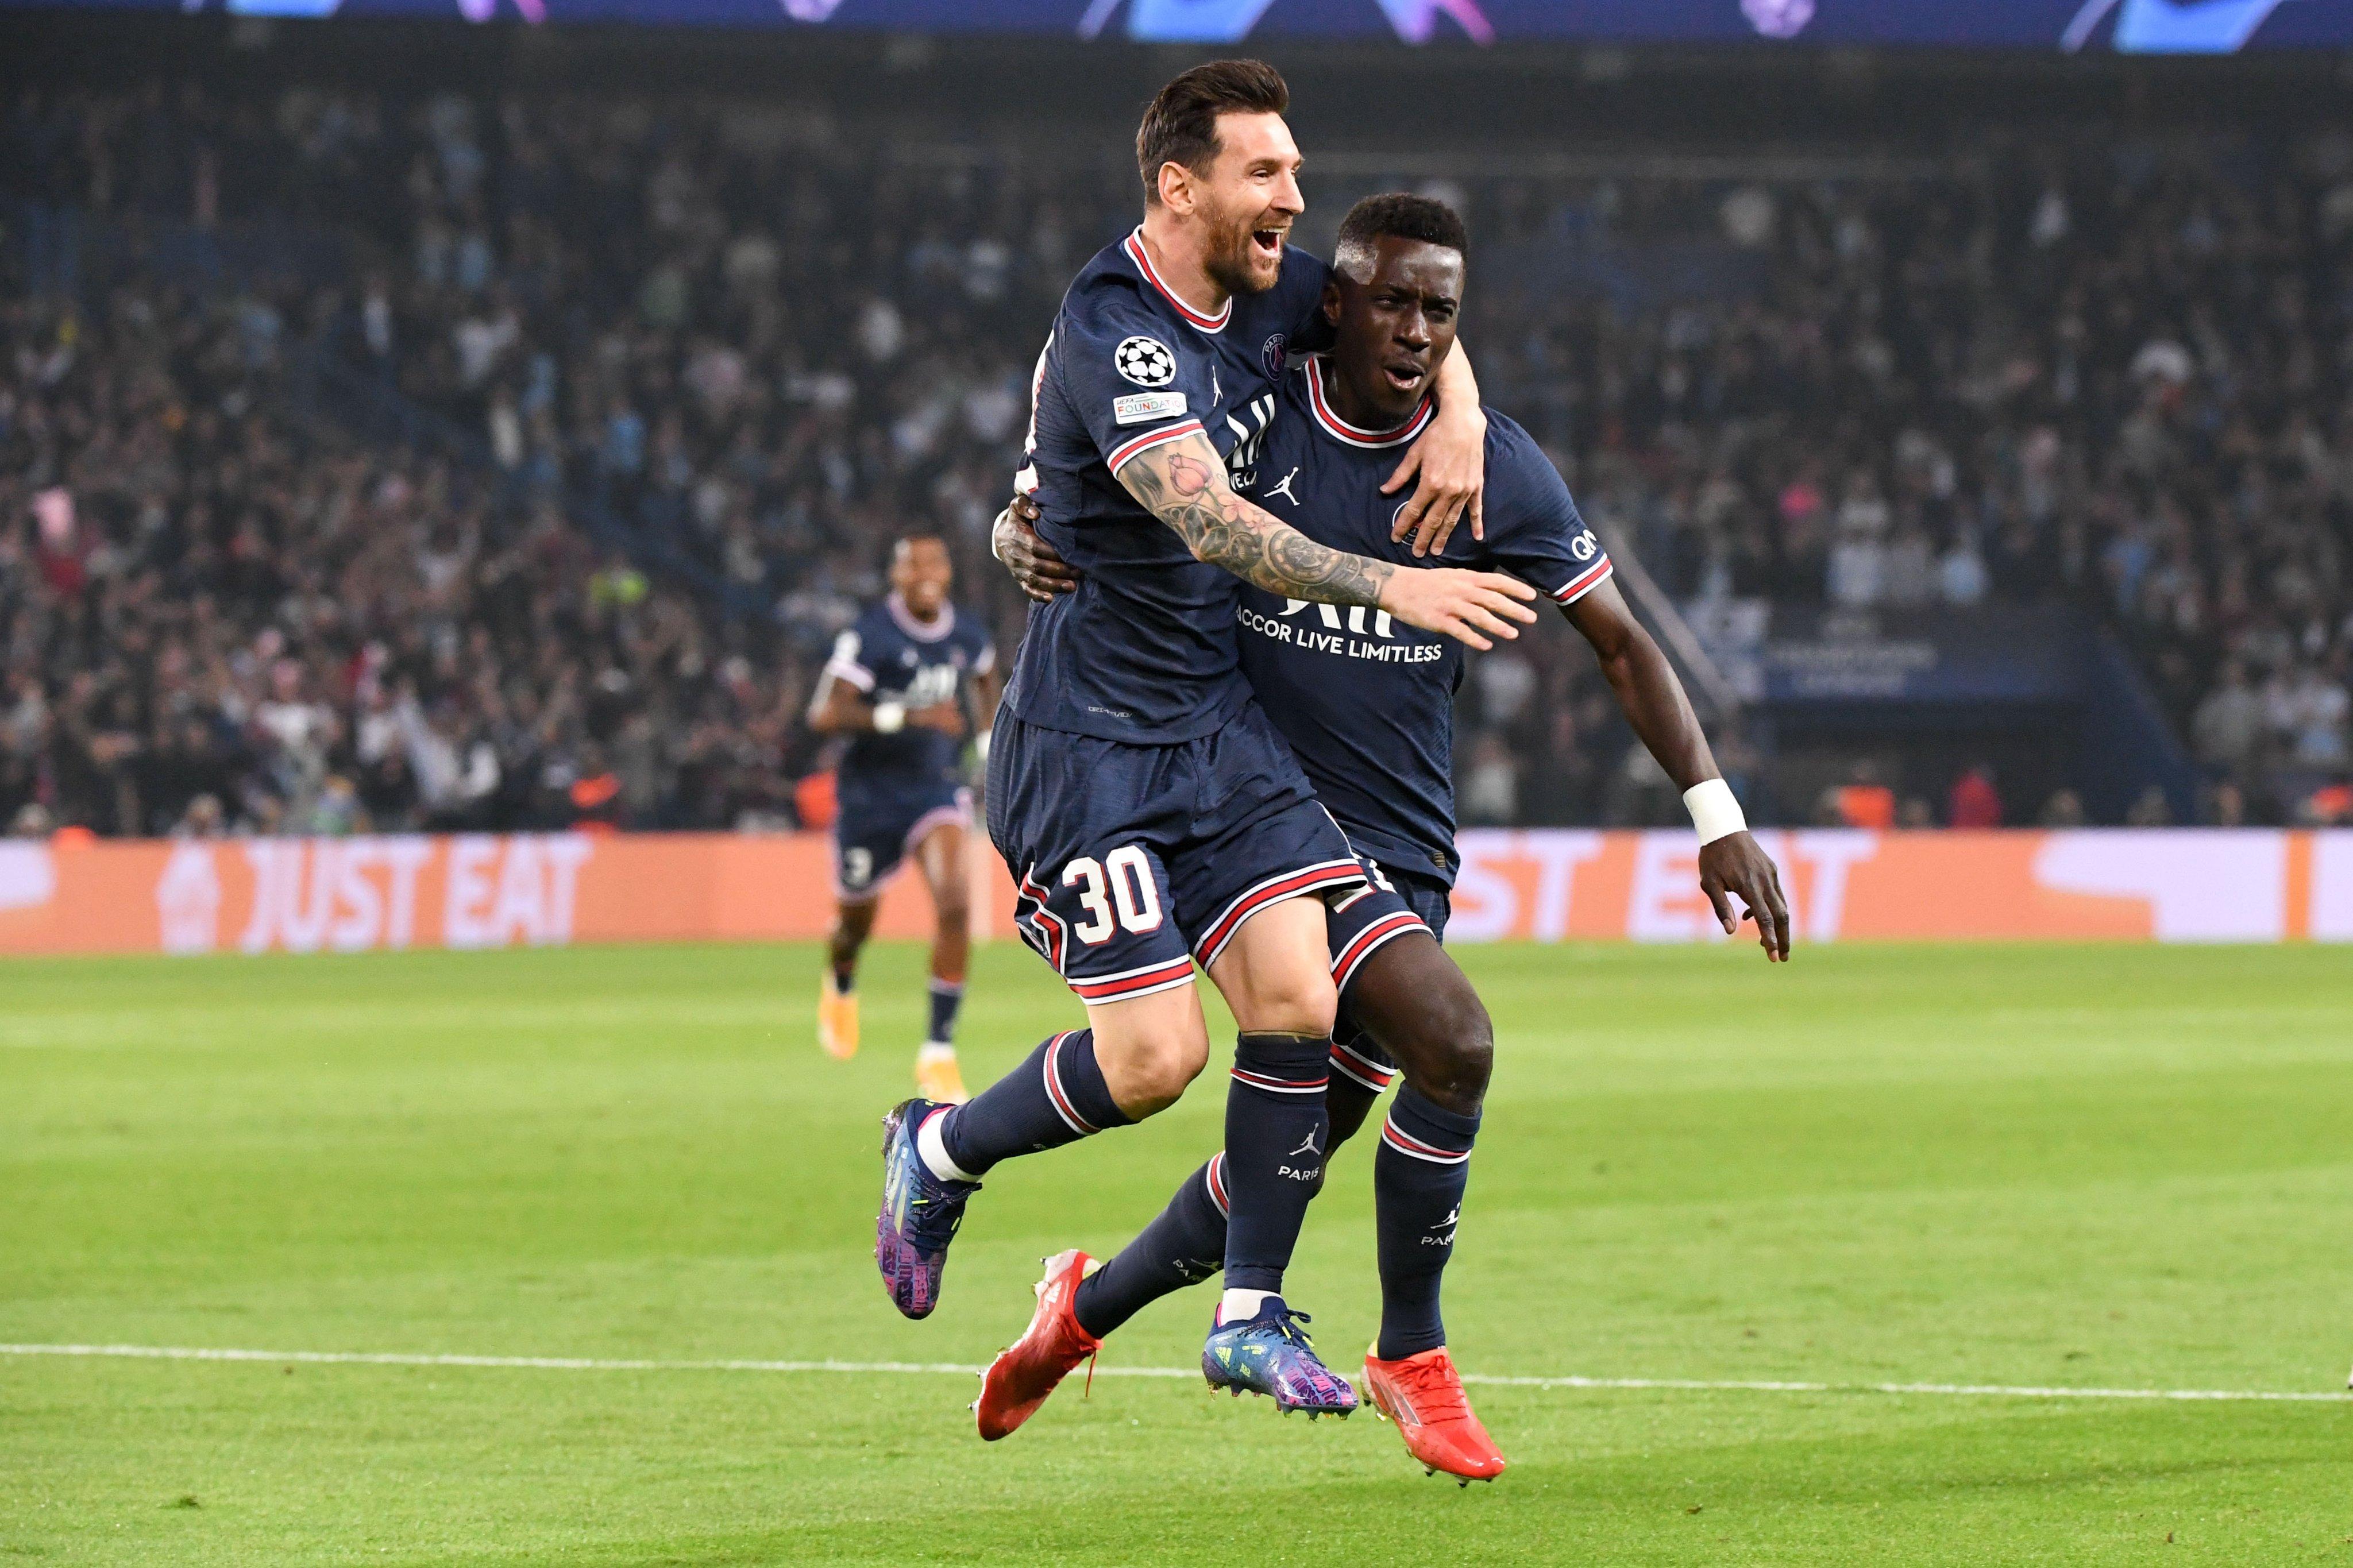 Месси забил первый гол в составе 'Пари Сен-Жермен'